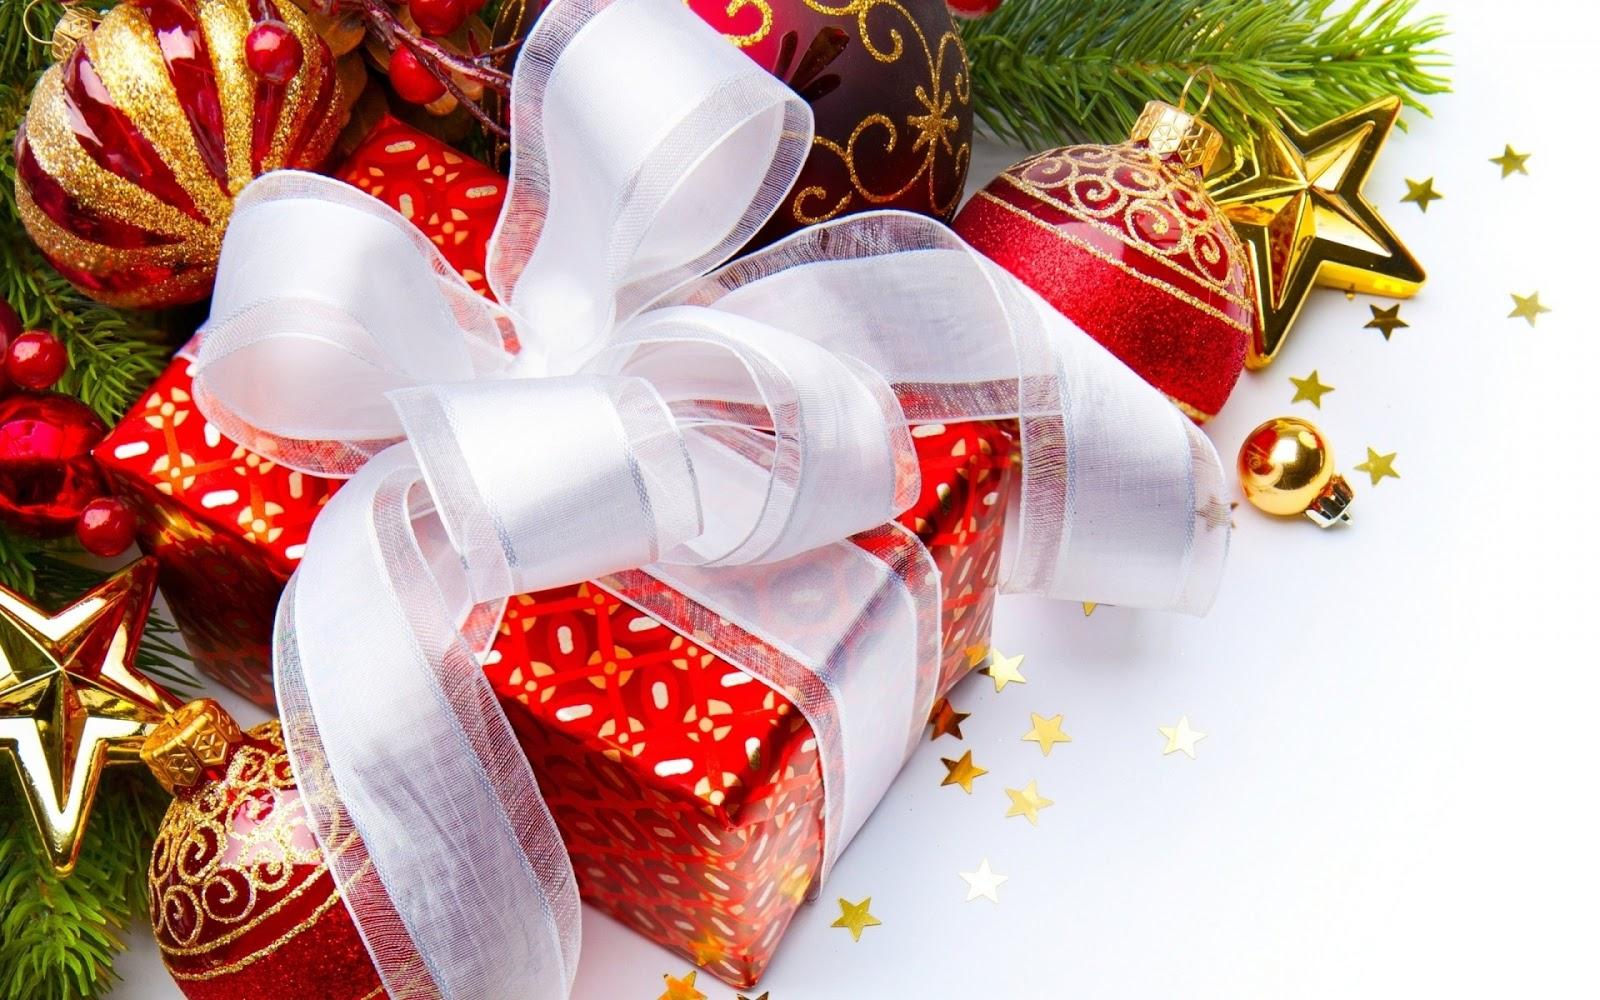 - Regalos para navidad 2015 ...